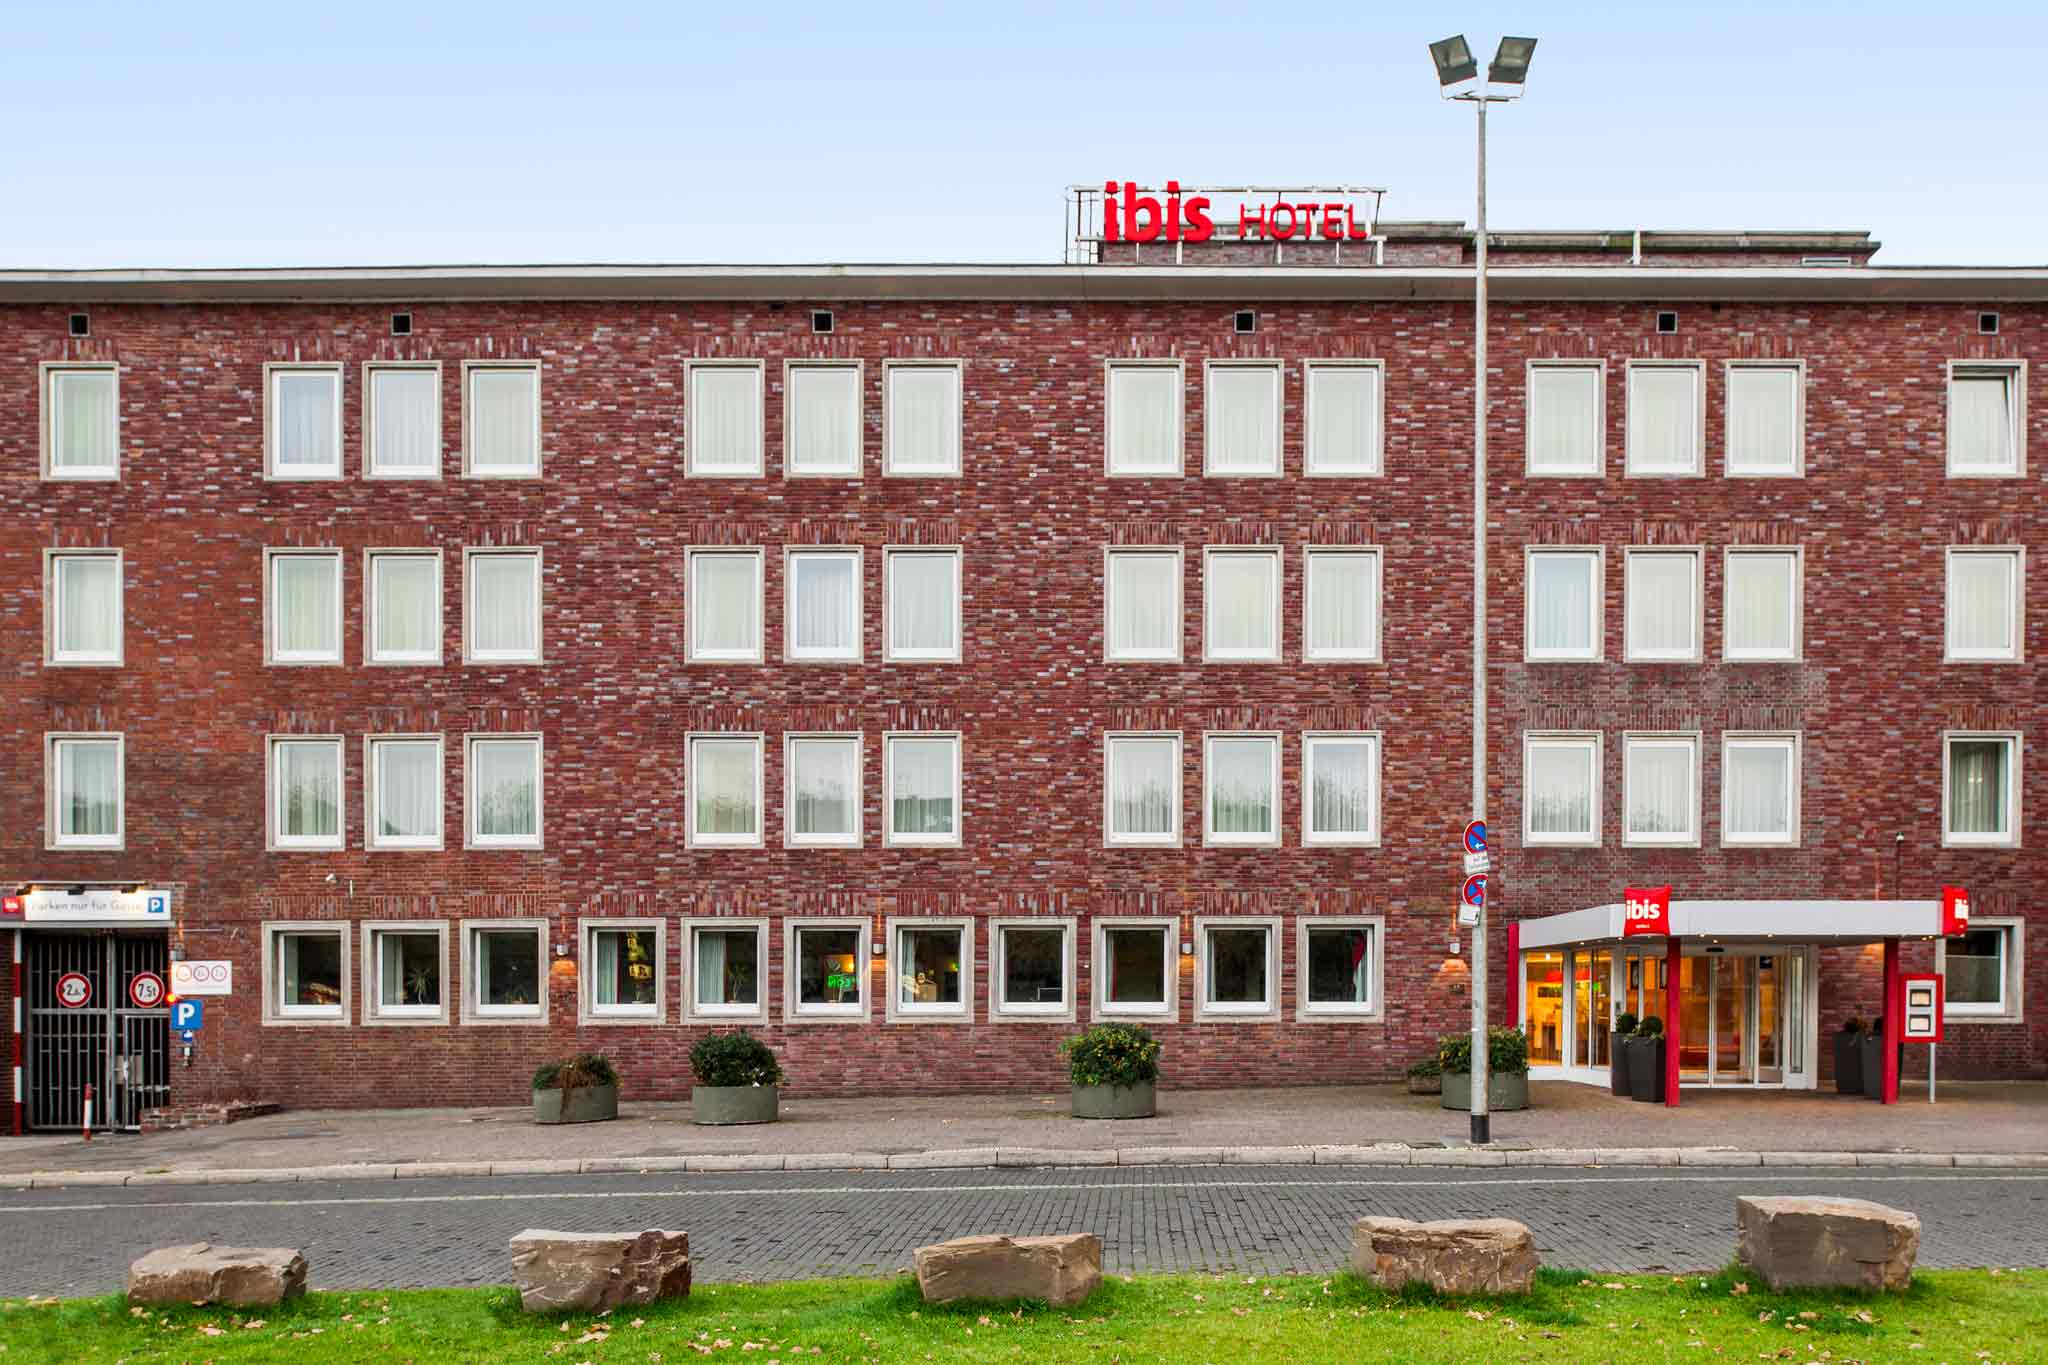 ホテル – イビスデュースブルクハウプトバーンホフ